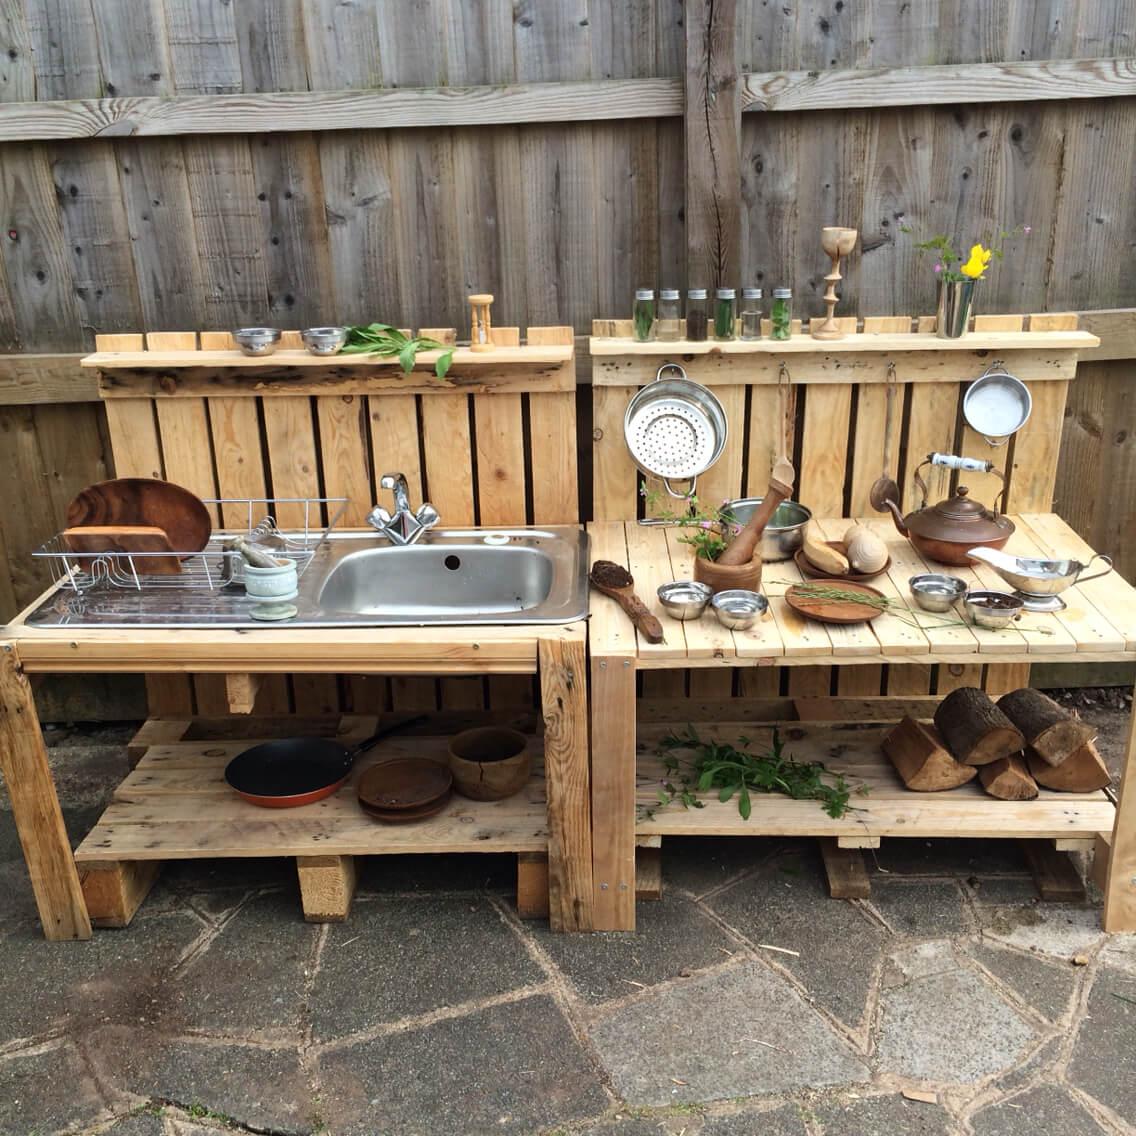 best outdoor kitchen ideas outdoor kitchen sink DIY Wood Pallet Sink and Prep Station